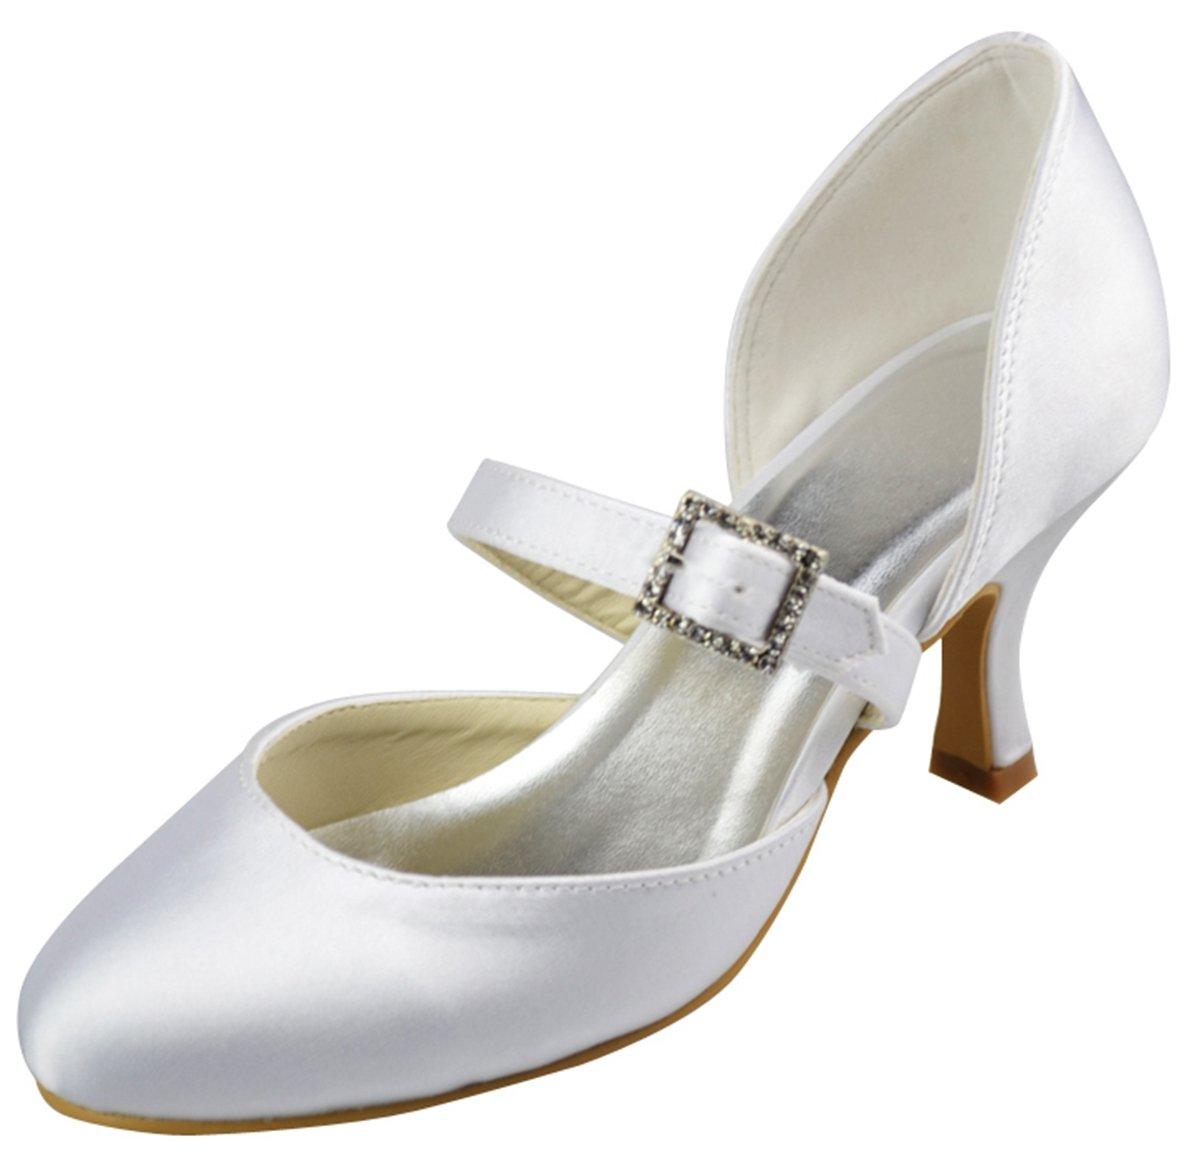 Minitoo , Bride cheville de 19256 cheville femme Bride Beige - ivoire 0062328 - robotanarchy.space